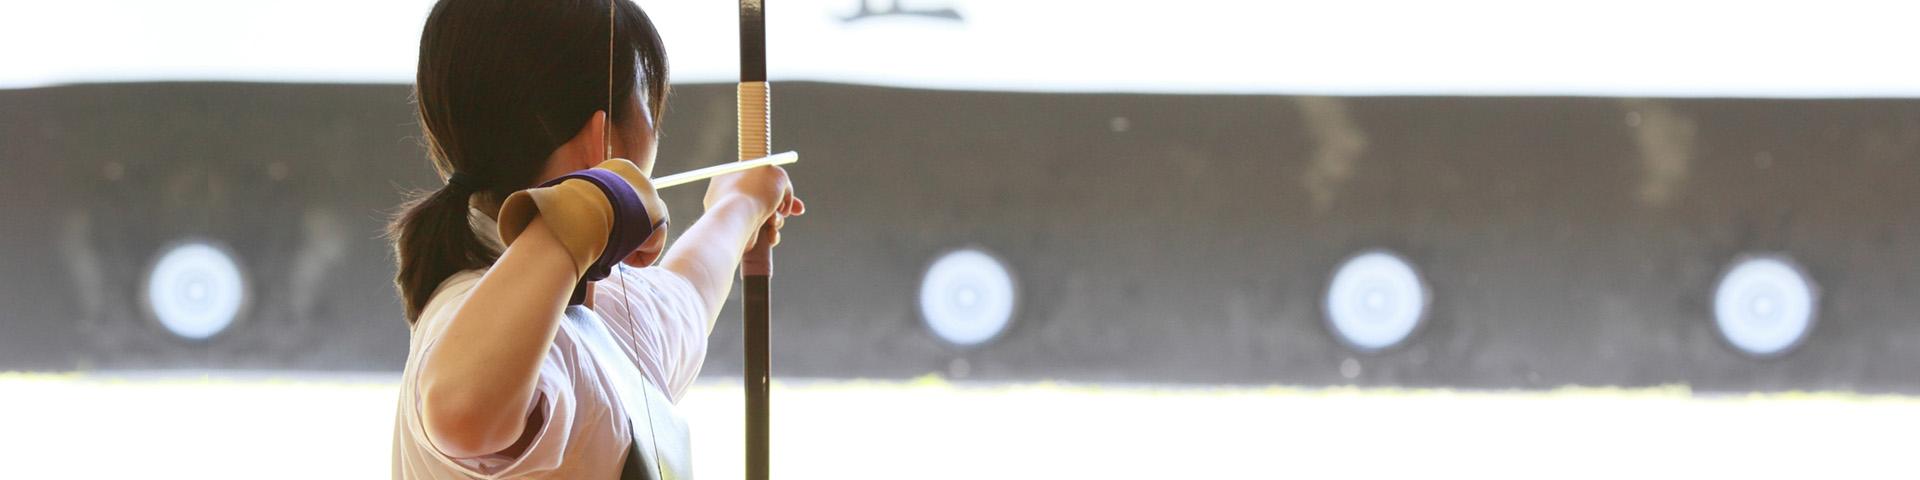 弓具弓矢専門の弓矢さん